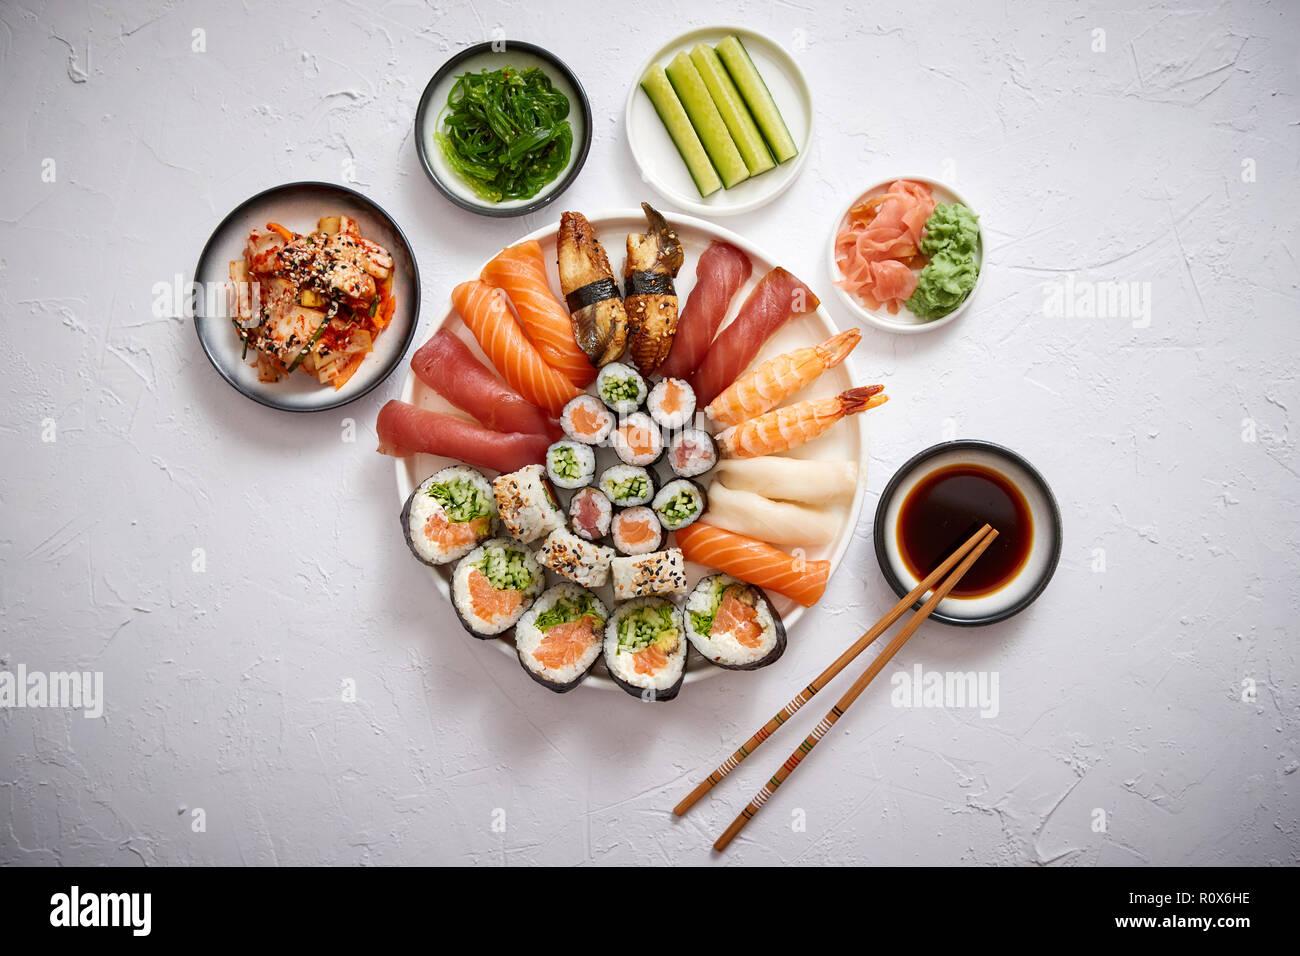 Différents rouleaux de sushi placé sur la plaque ronde en céramique Banque D'Images